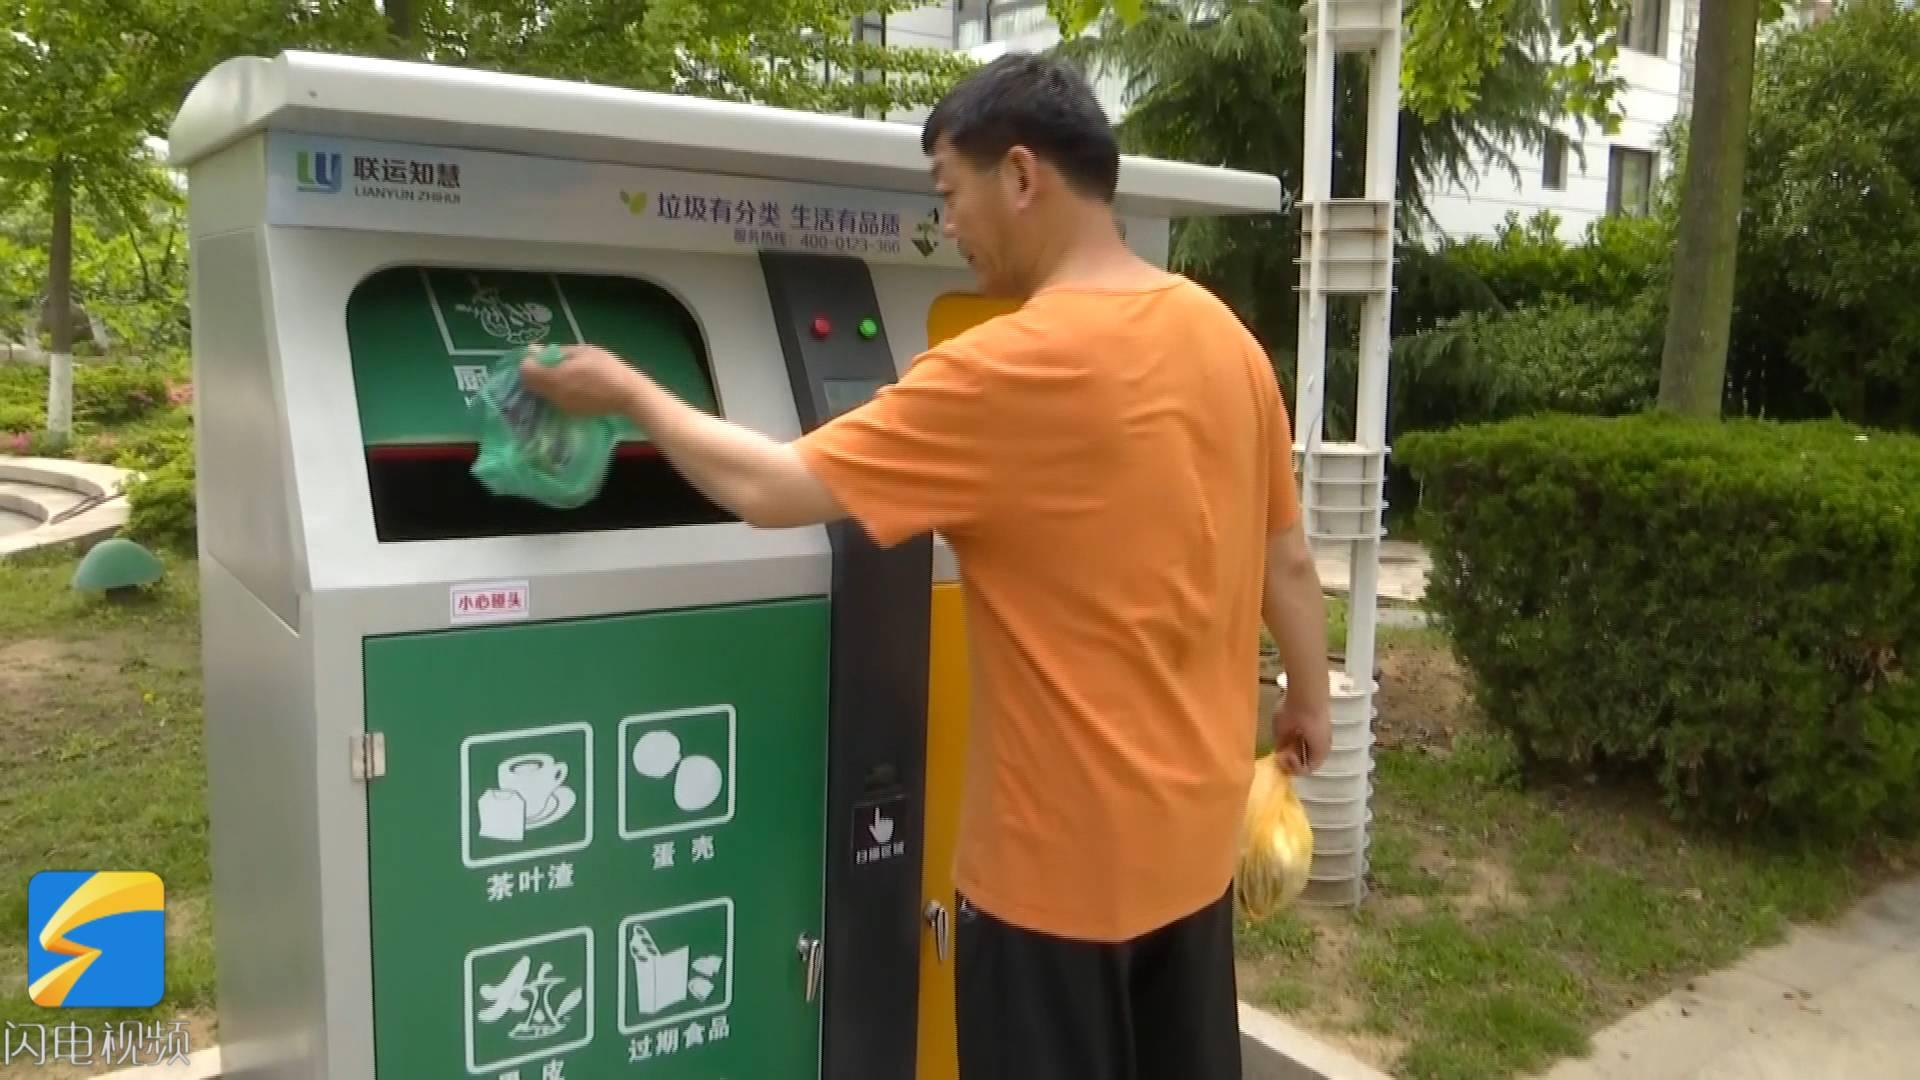 垃圾分类不是单纯的资源回收!立法与末端配套完善是做好分类的保障和前提